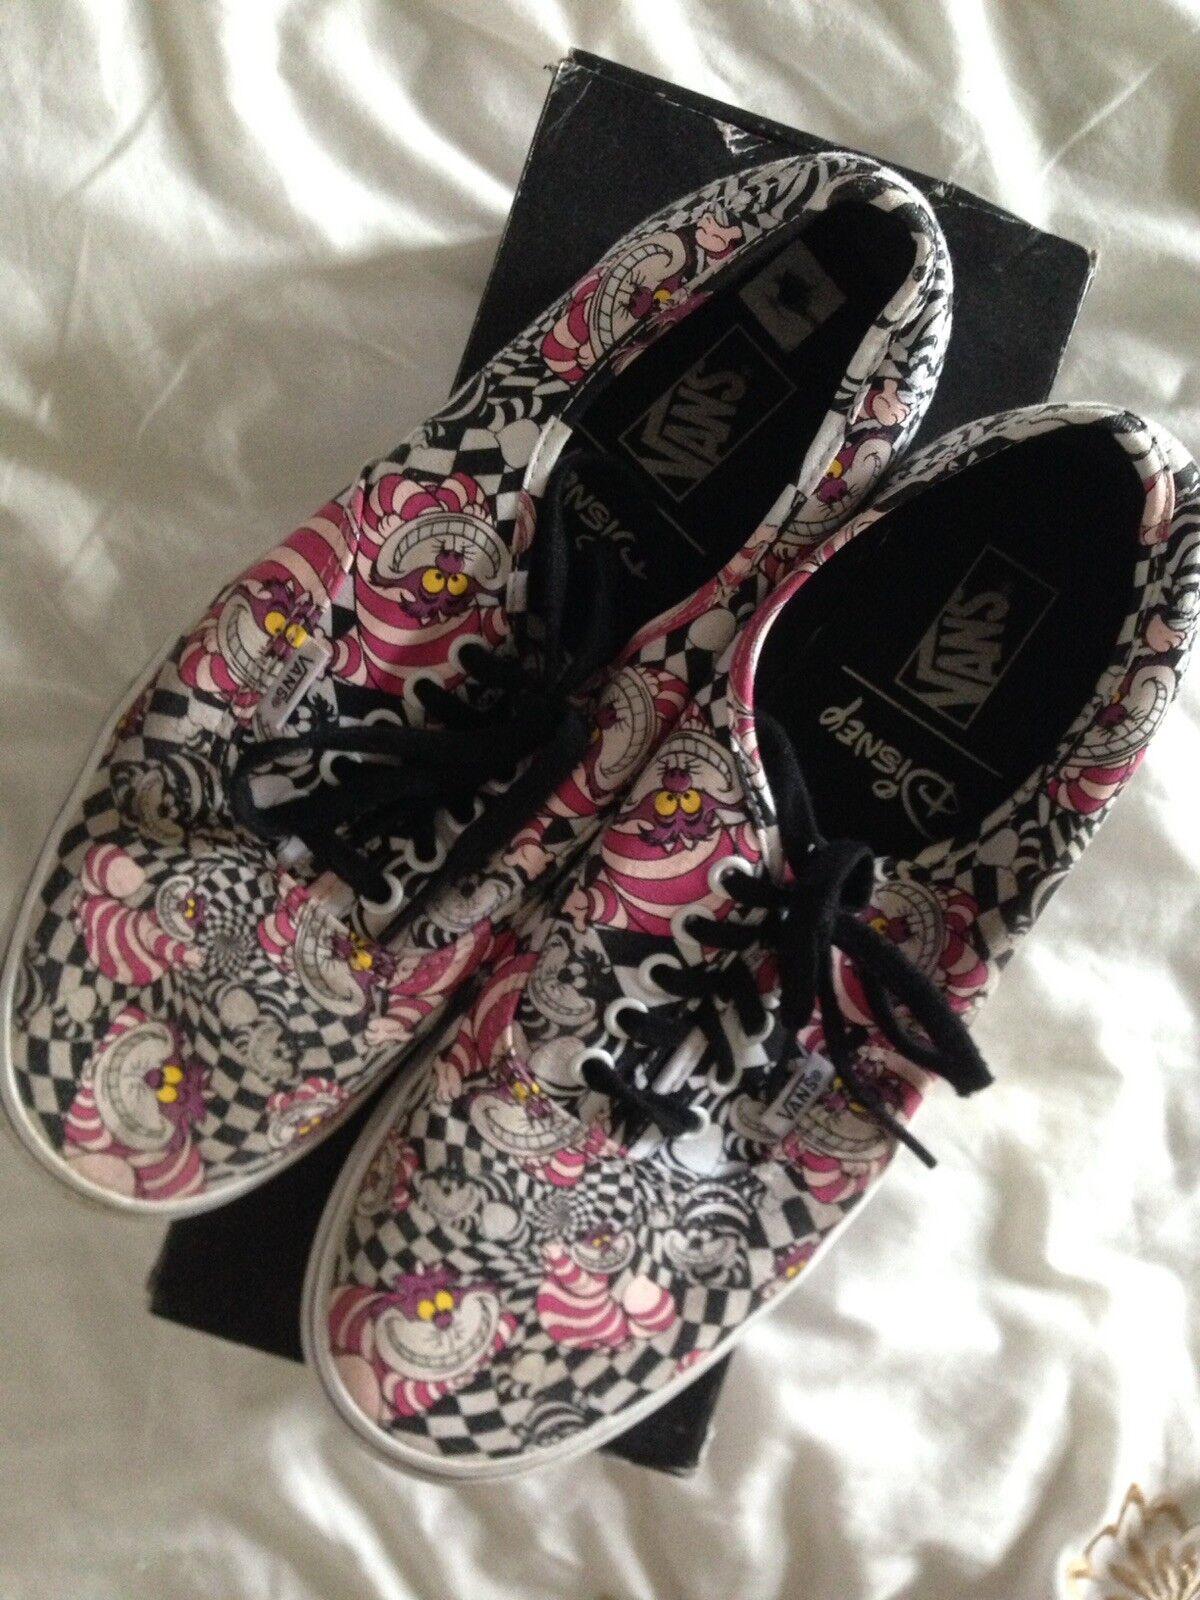 Disney Alice en el país de las Maravillas Cheshire Cheshire Cheshire Cat Vans zapatos talla 10 de hombre mujer adulto 691f6d